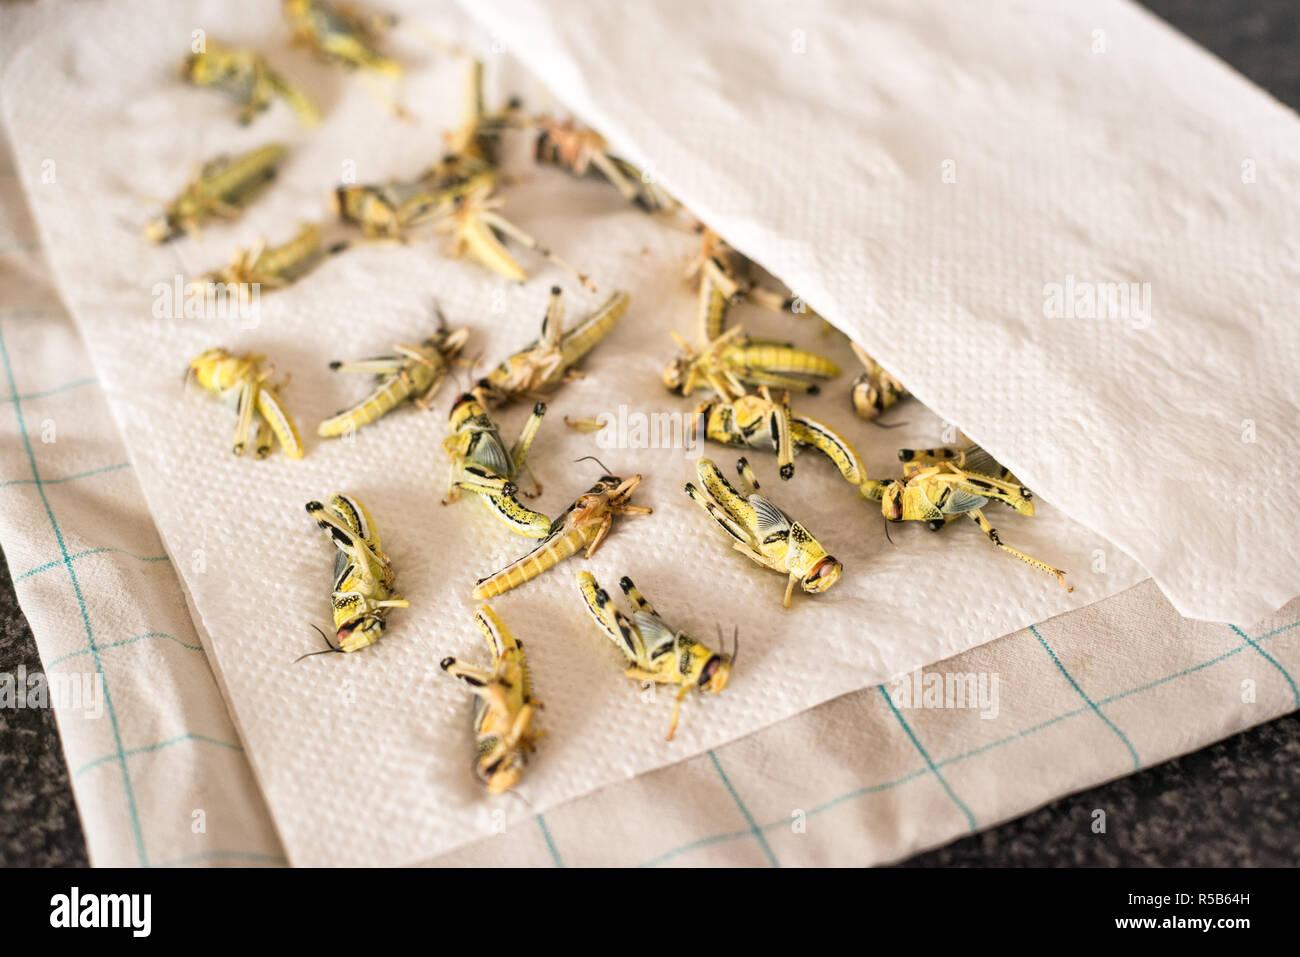 Kochen und Essen essbar Bugs, eine große Quelle von Protein und Fleisch alternative Stockbild